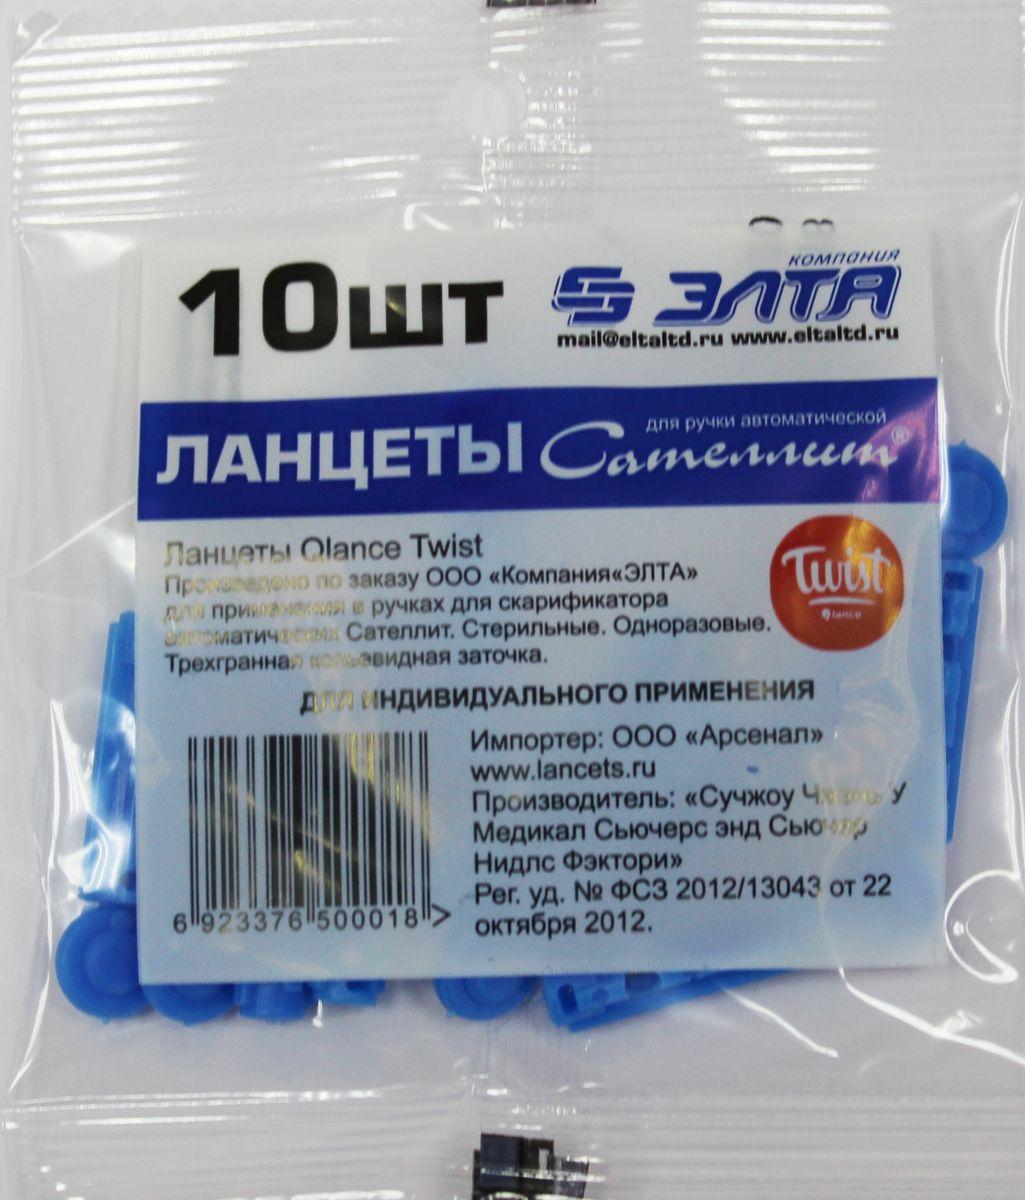 Ланцеты Сателлит Qlance Twist 28G, 10 шт139Стерильные ланцеты (10 штук) для забора капли крови. Подходят к большинству ручек для прокалывания (автоматических прокалывателей). Сверхтонкое острие ланцета делает прокалывание менее болезненным. В целях безопасности ланцеты предназначены только для индивидуального пользования.